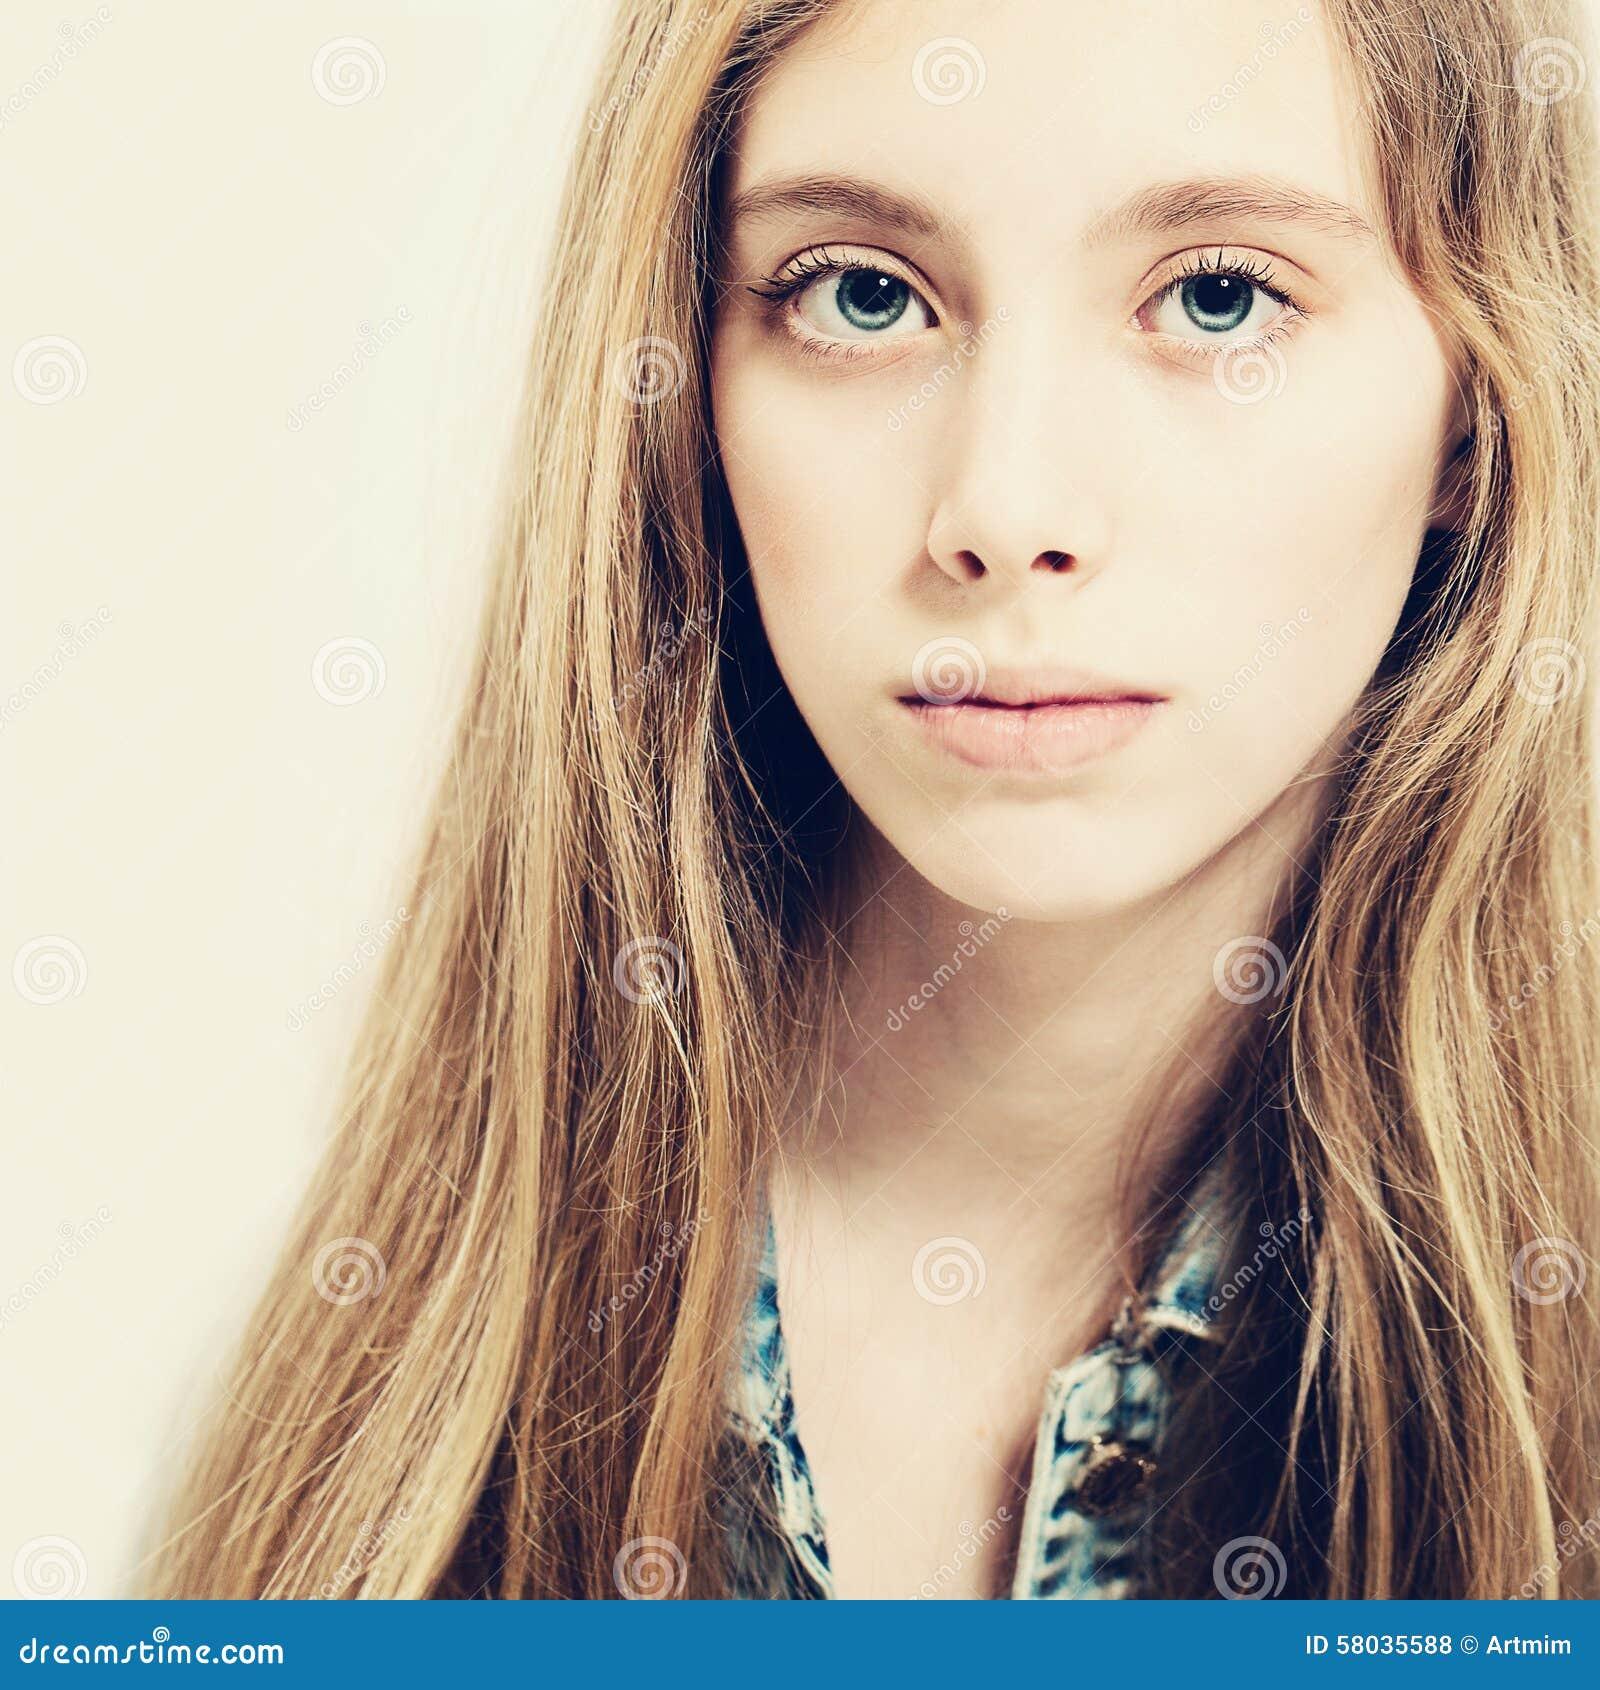 Jonge schoonheid leuk meisje de mannequin van de tiener stock foto afbeelding 58035588 - Tiener meisje foto ...